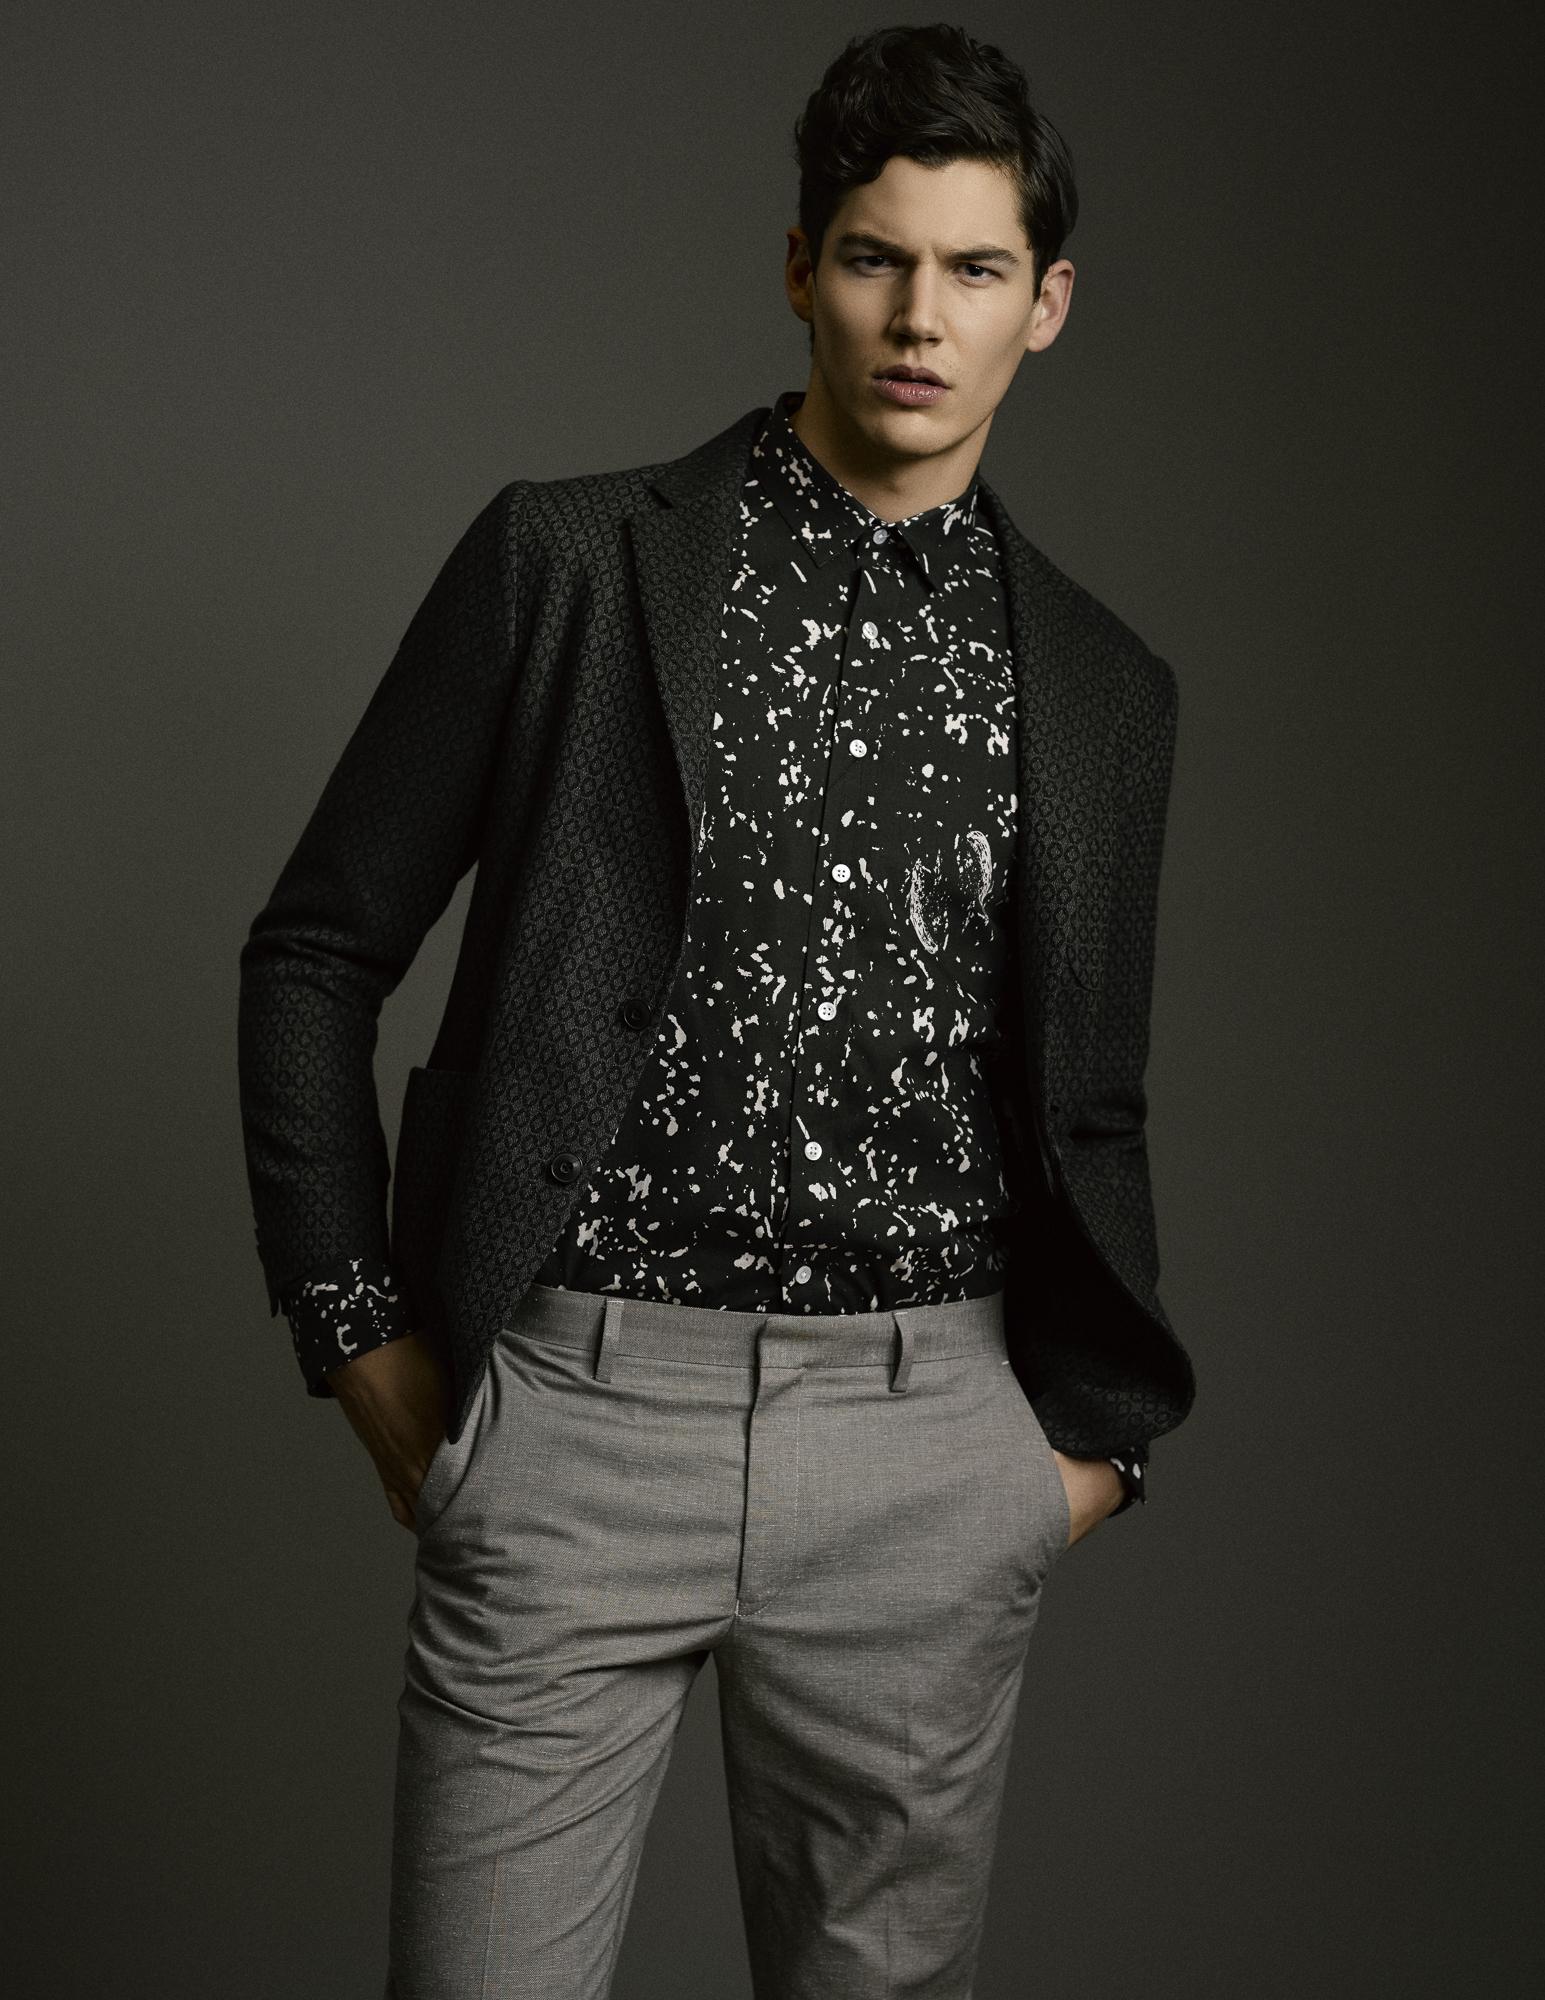 male fashion session